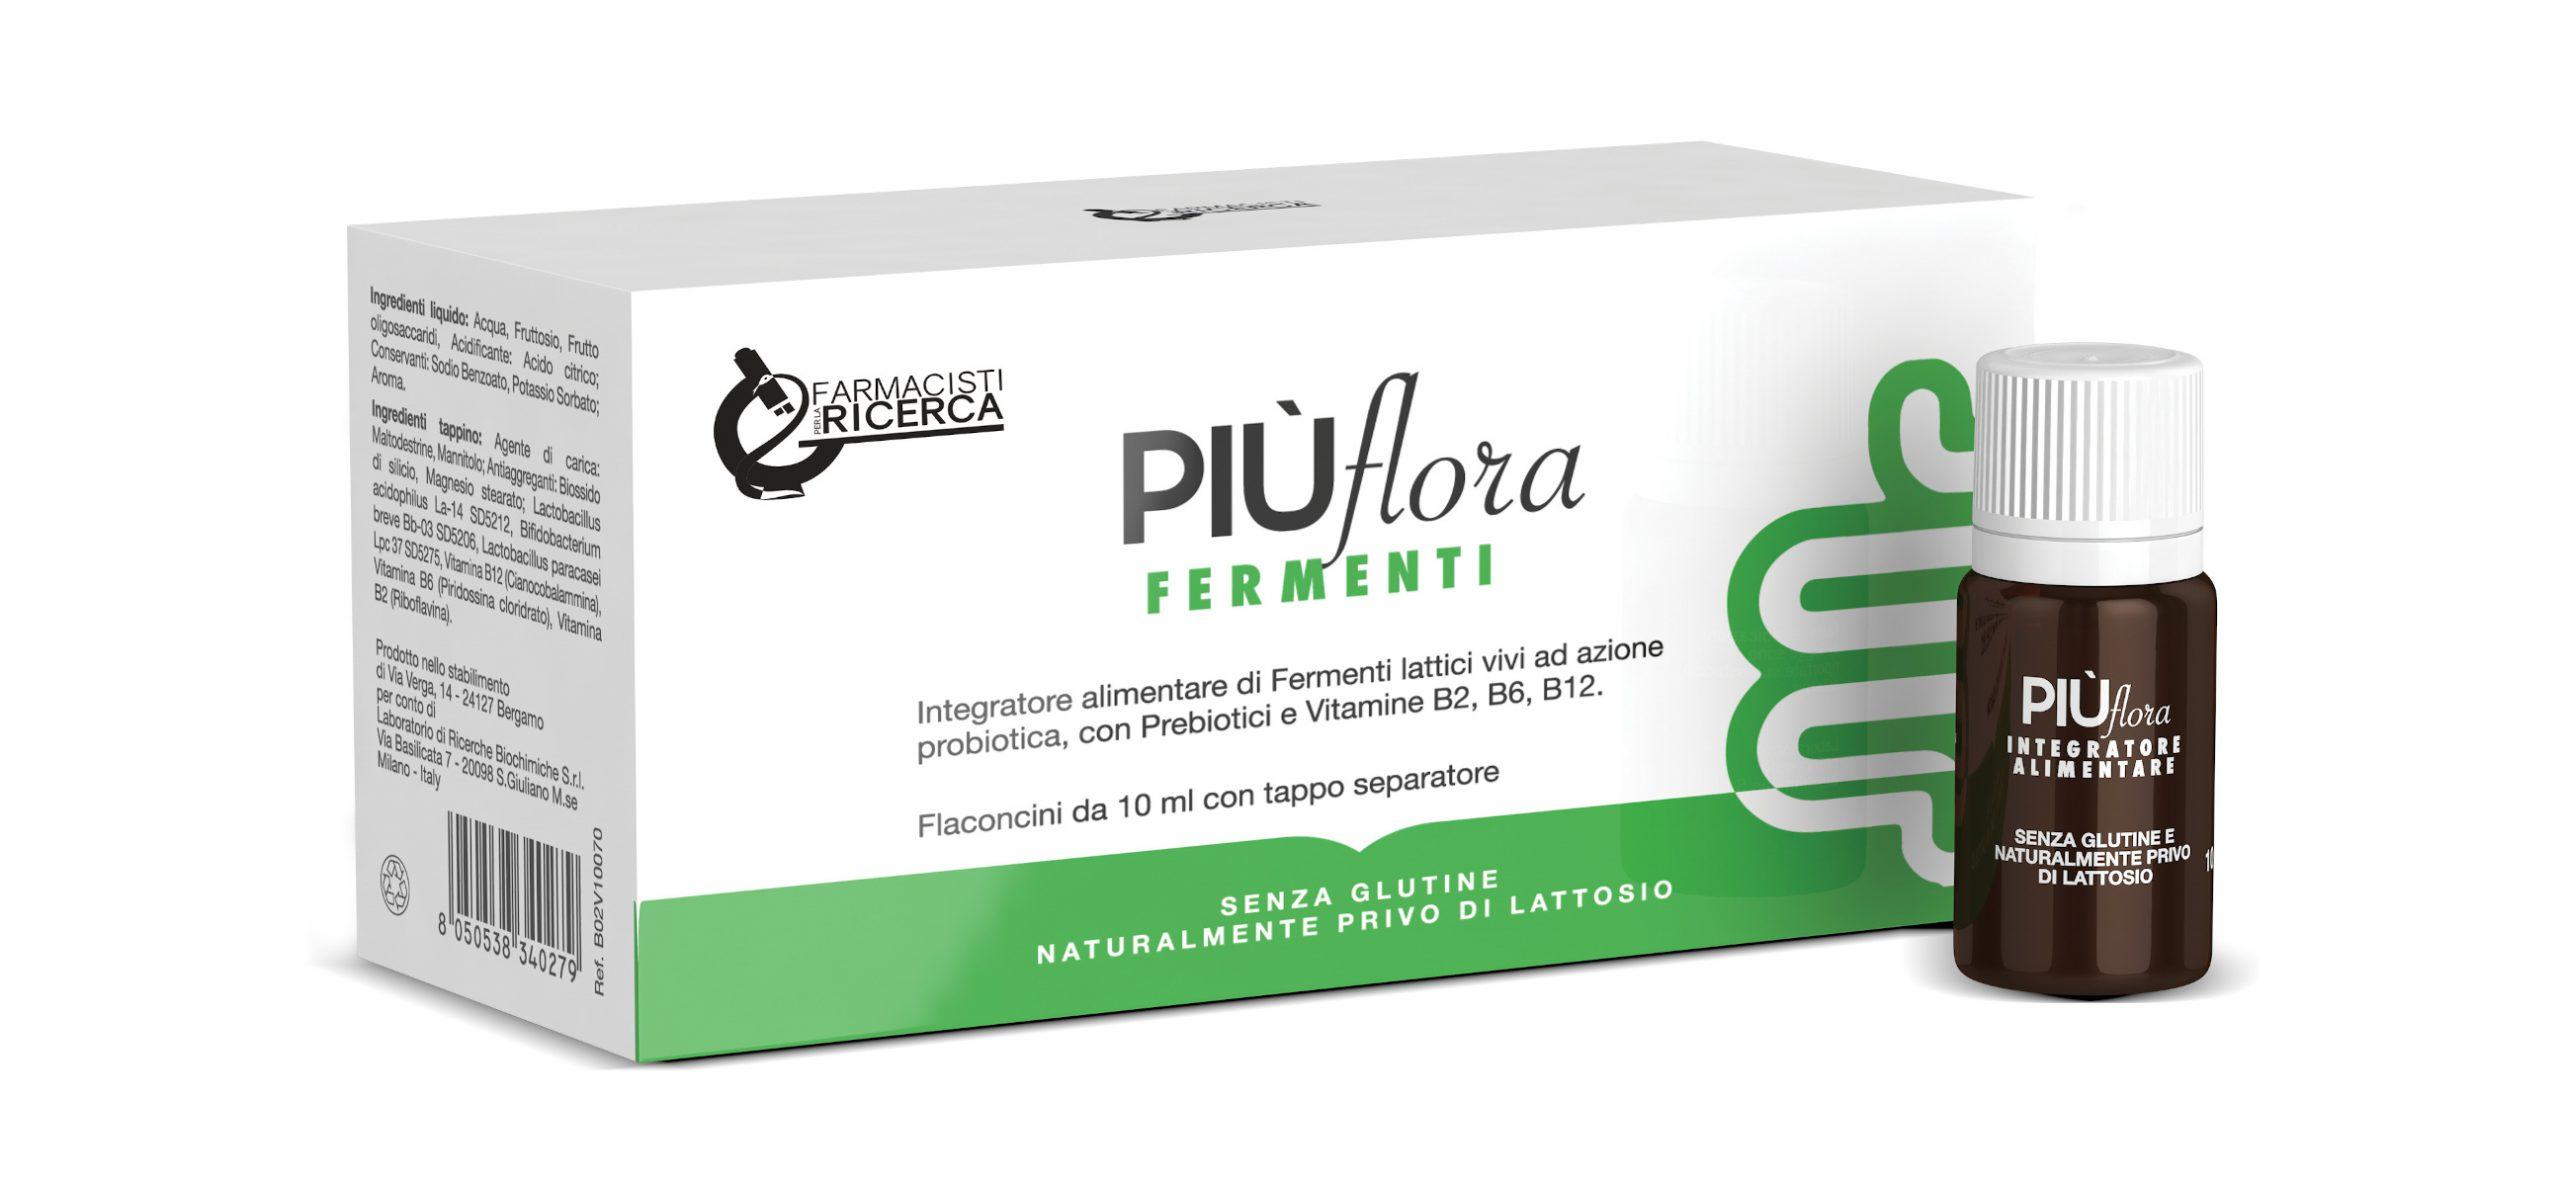 fermenti-integratori-santanna-farmacia1